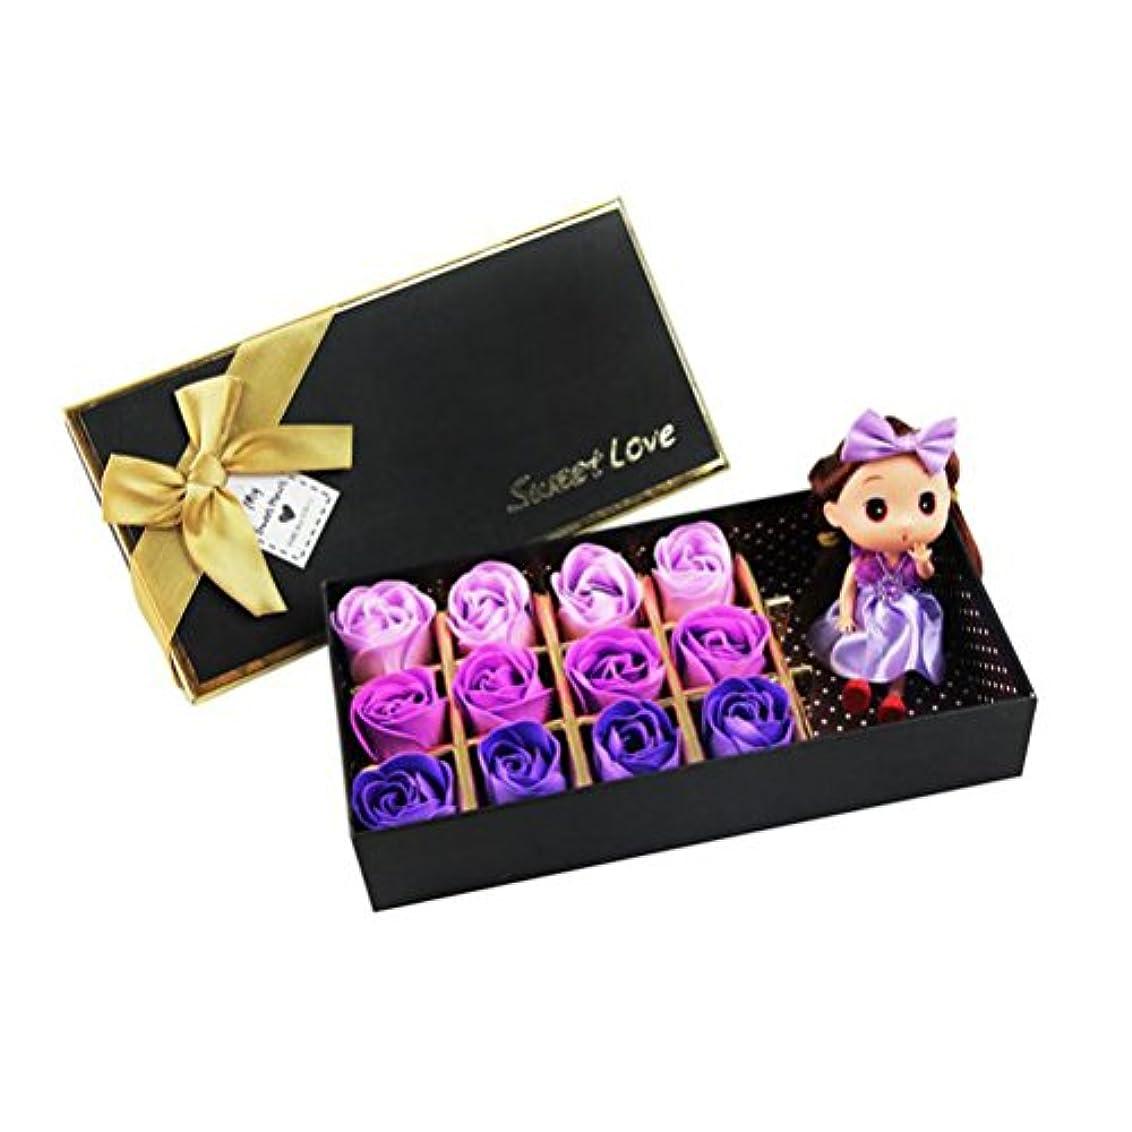 構成ユーザーコロニーROSENICE 香り バラ 花 お風呂 石鹸 ギフトボックス (紫)